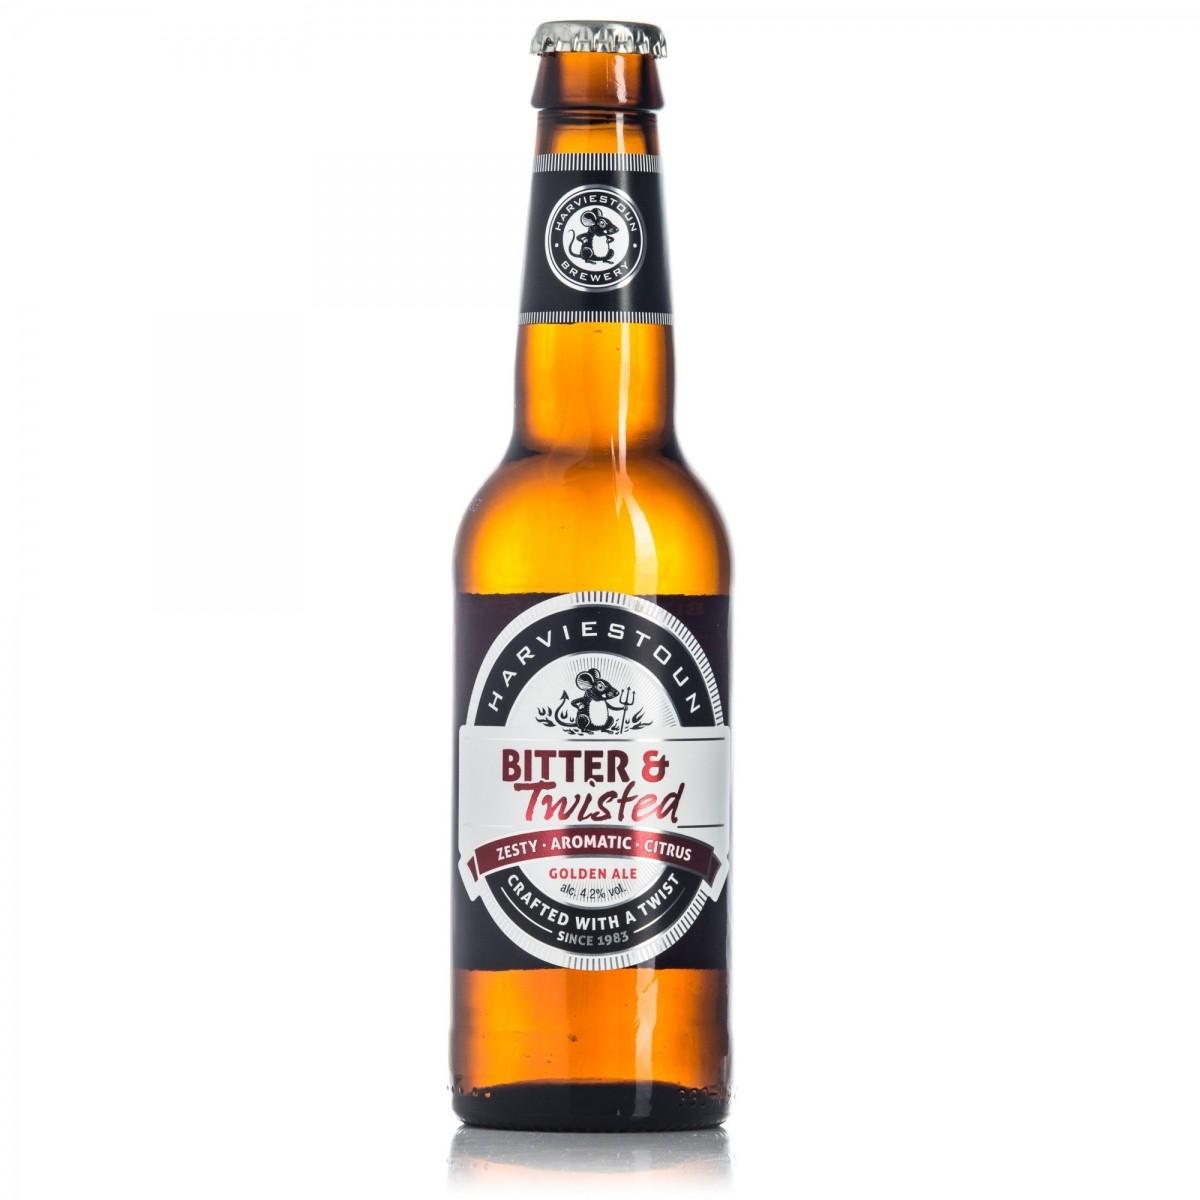 Harviestoun Bitter & Twisted 330ml Blond Ale